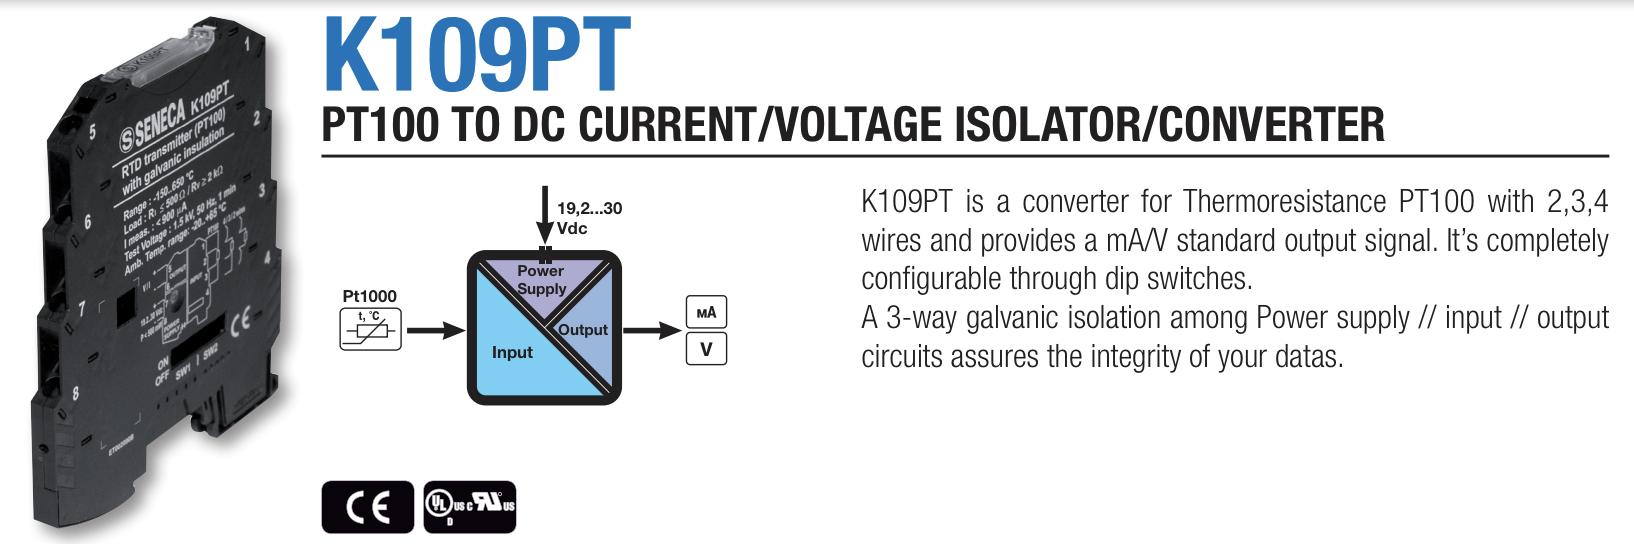 bộ chuyển đổi nhiệt độ Pt100 Seneca K109Pt